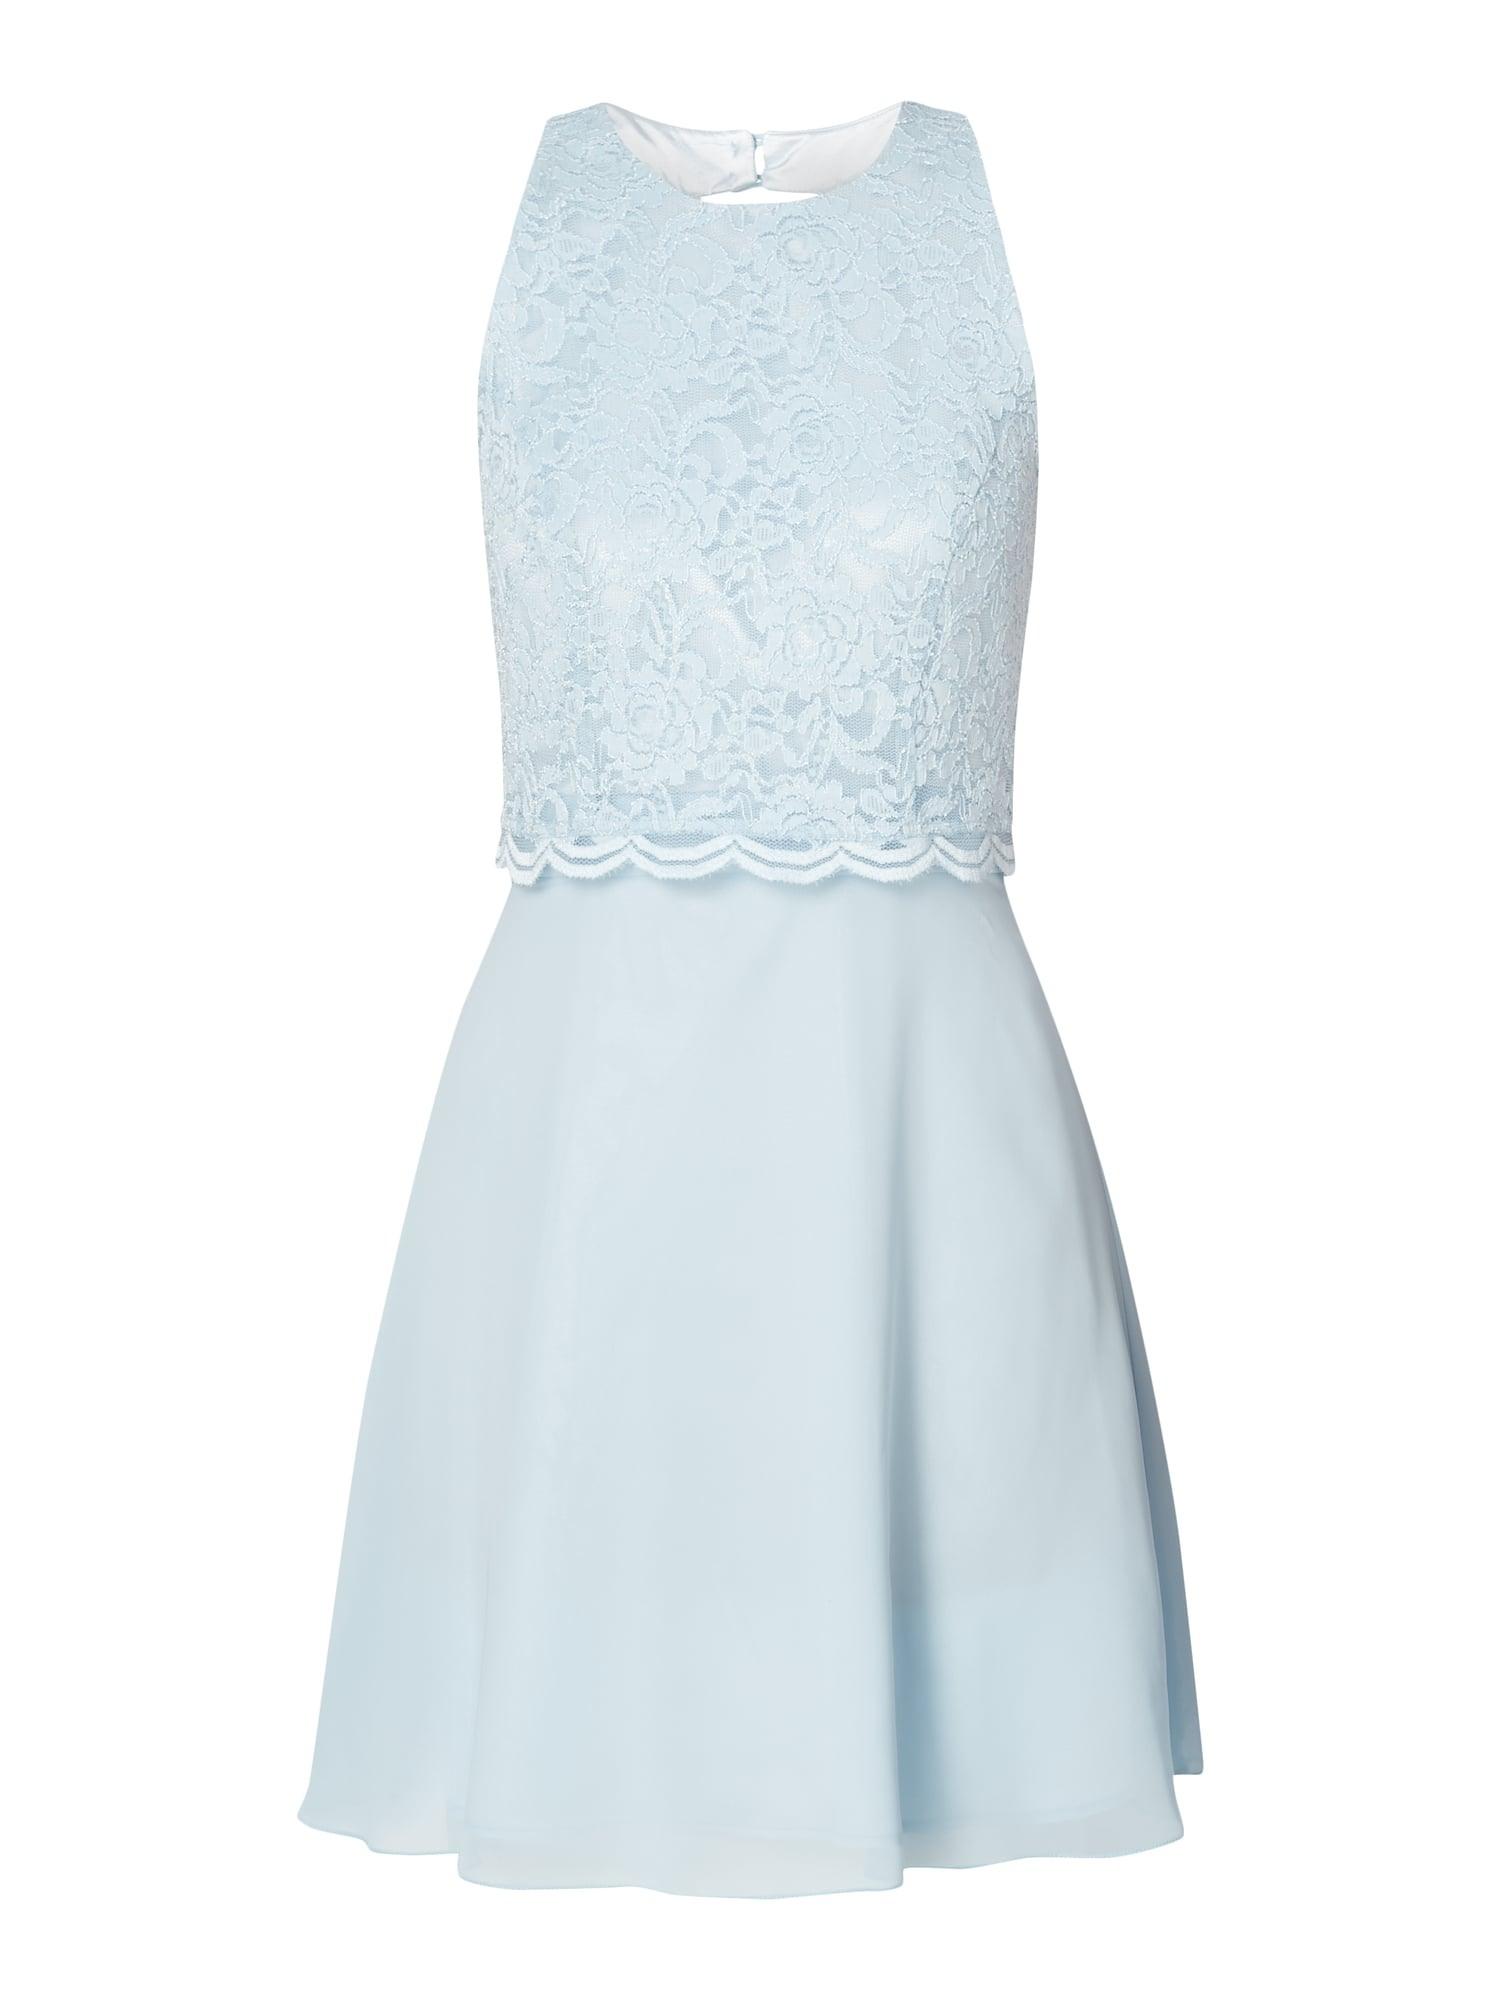 Genial Kleid Spitze Hellblau Galerie - Abendkleid